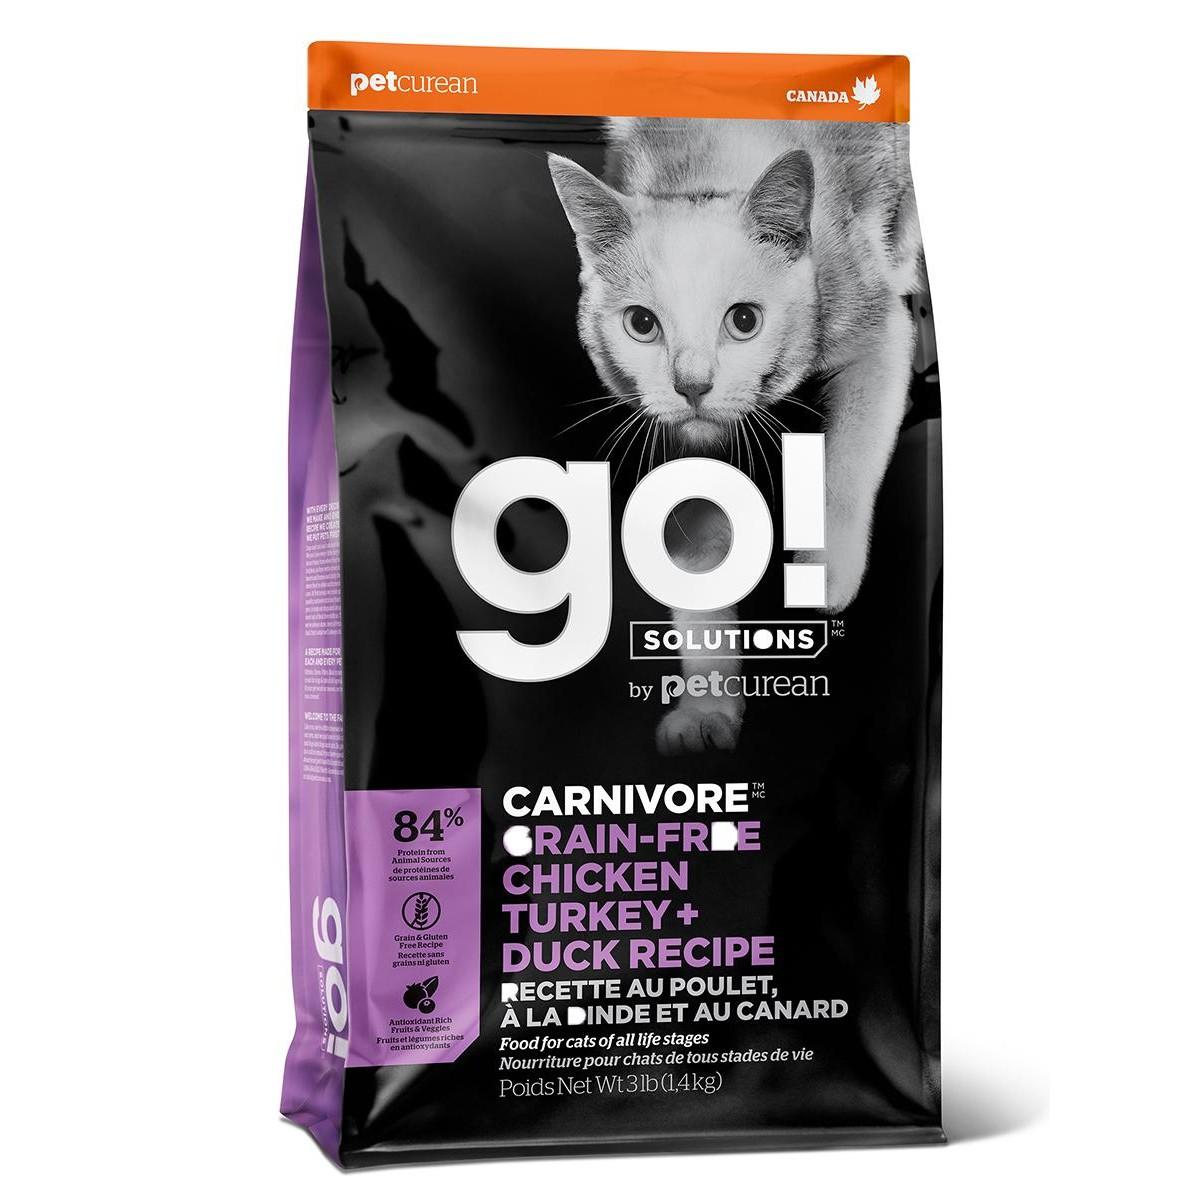 Сухой корм для котят и кошек GO! Natural Holistic беззерновой Курица Индейка Утка Лосось 136 кг